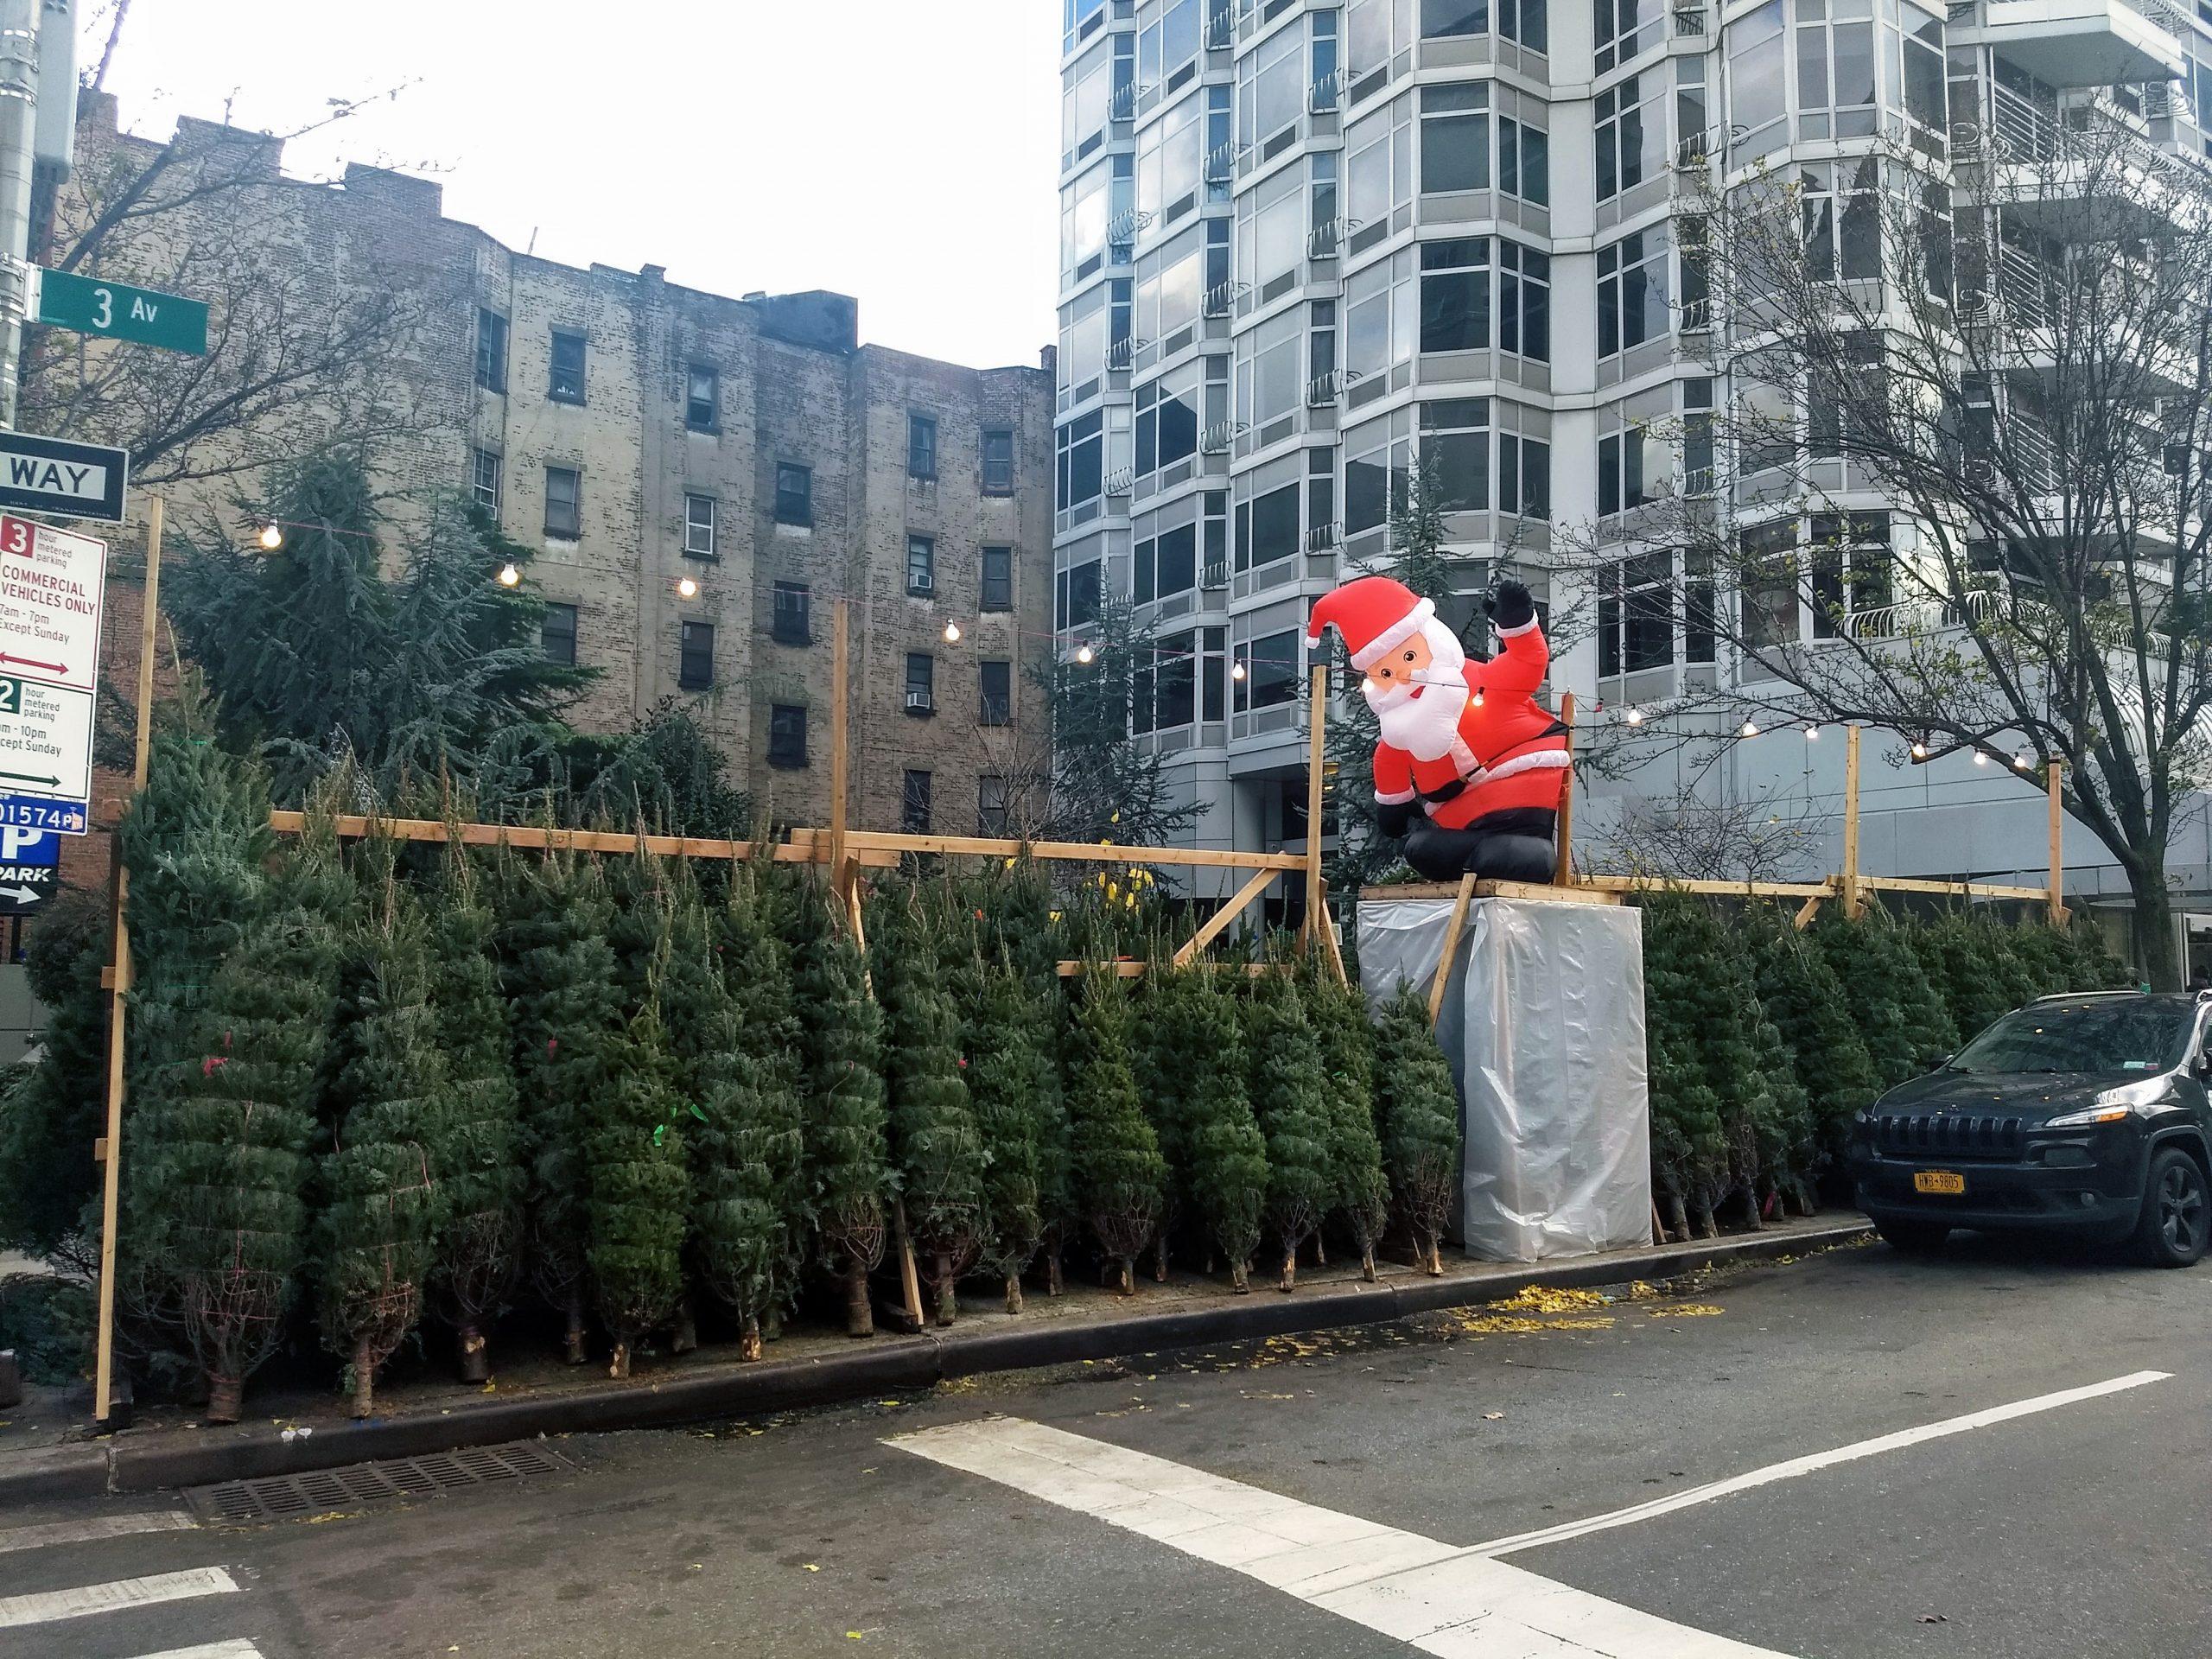 sidewalk Christmas trees